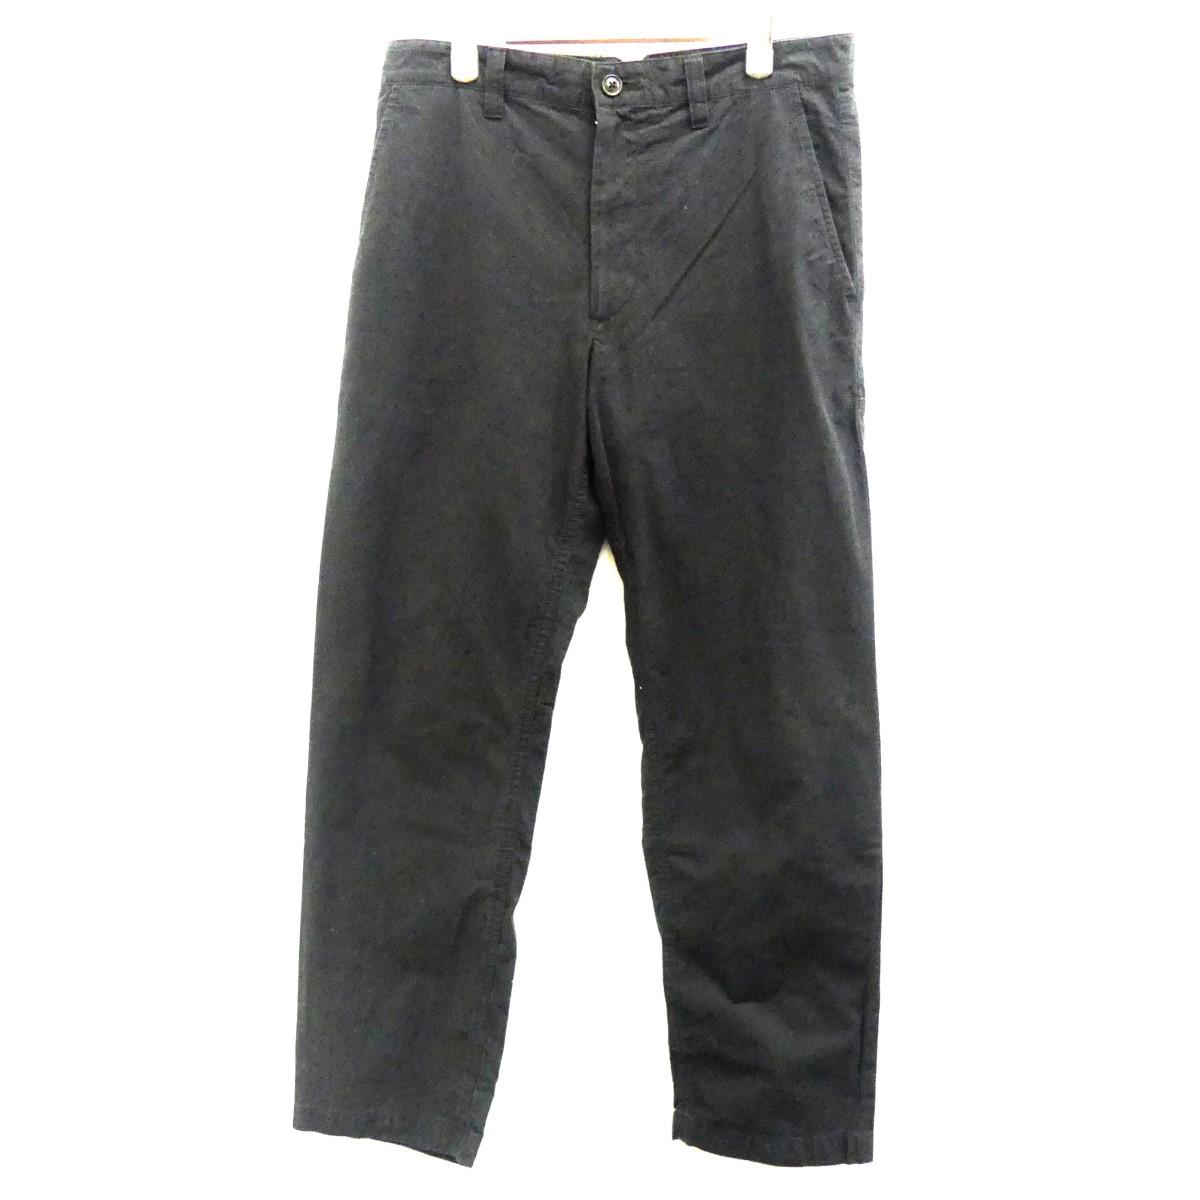 【中古】Porter Classic LOCAL BLACK PANT ローカルブラックパンツ ブラック サイズ:M 【010320】(ポータークラシック)